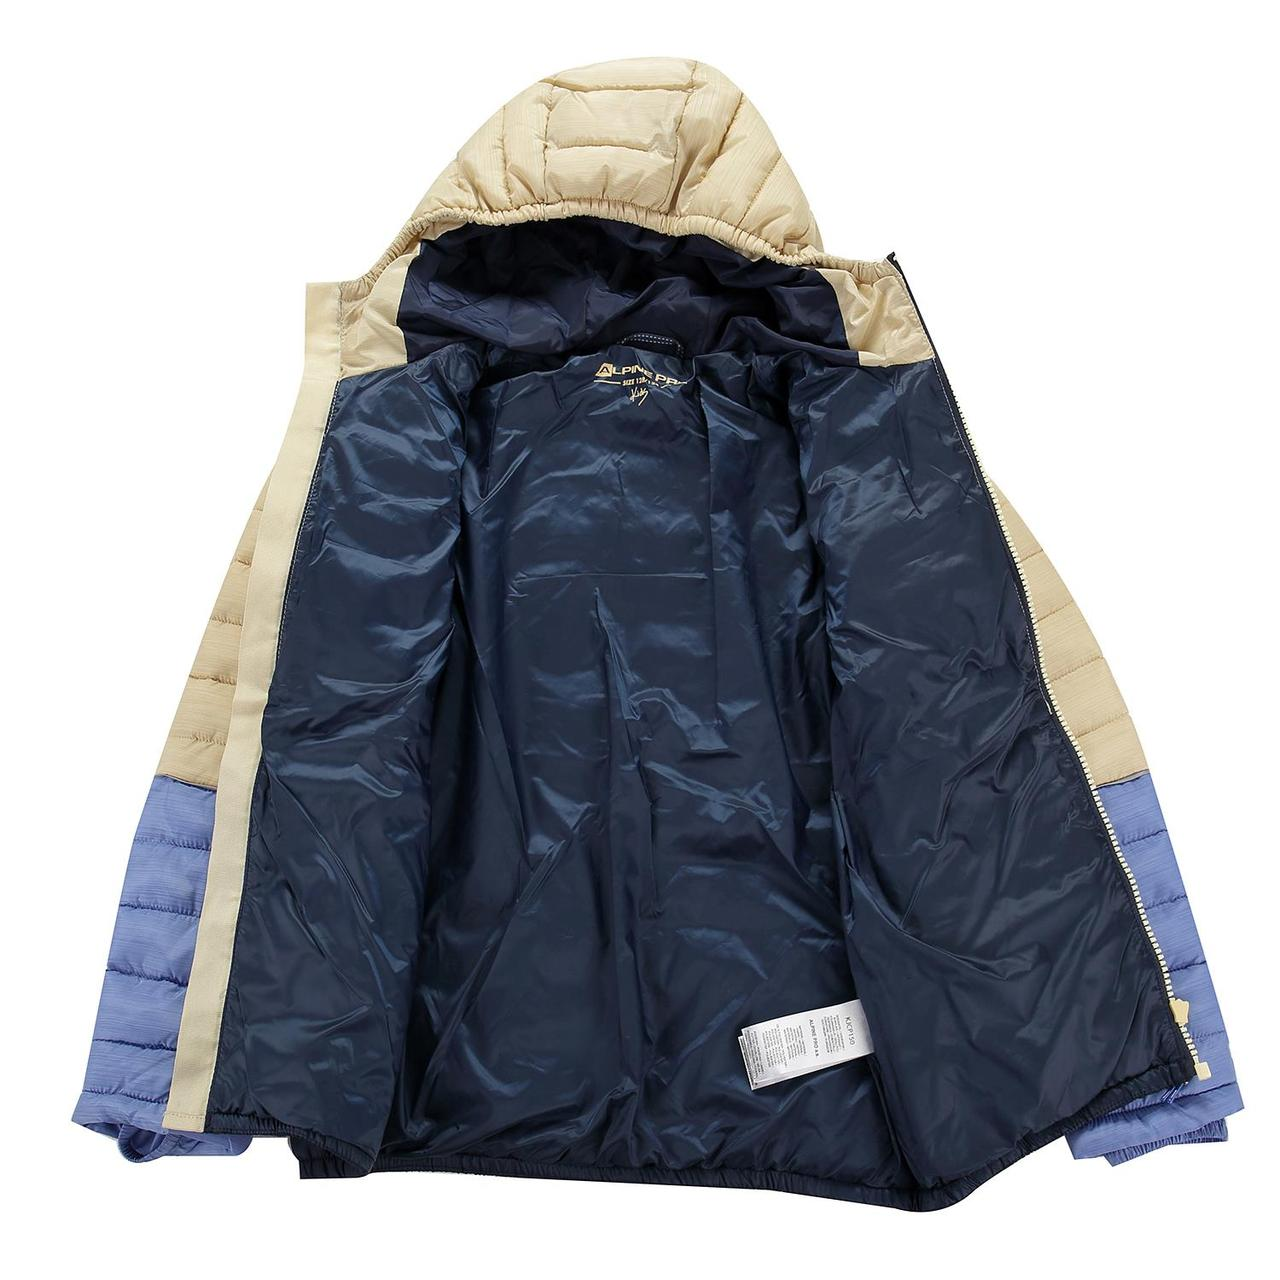 Куртка BARROKO 128-134, бежевый - фото 3